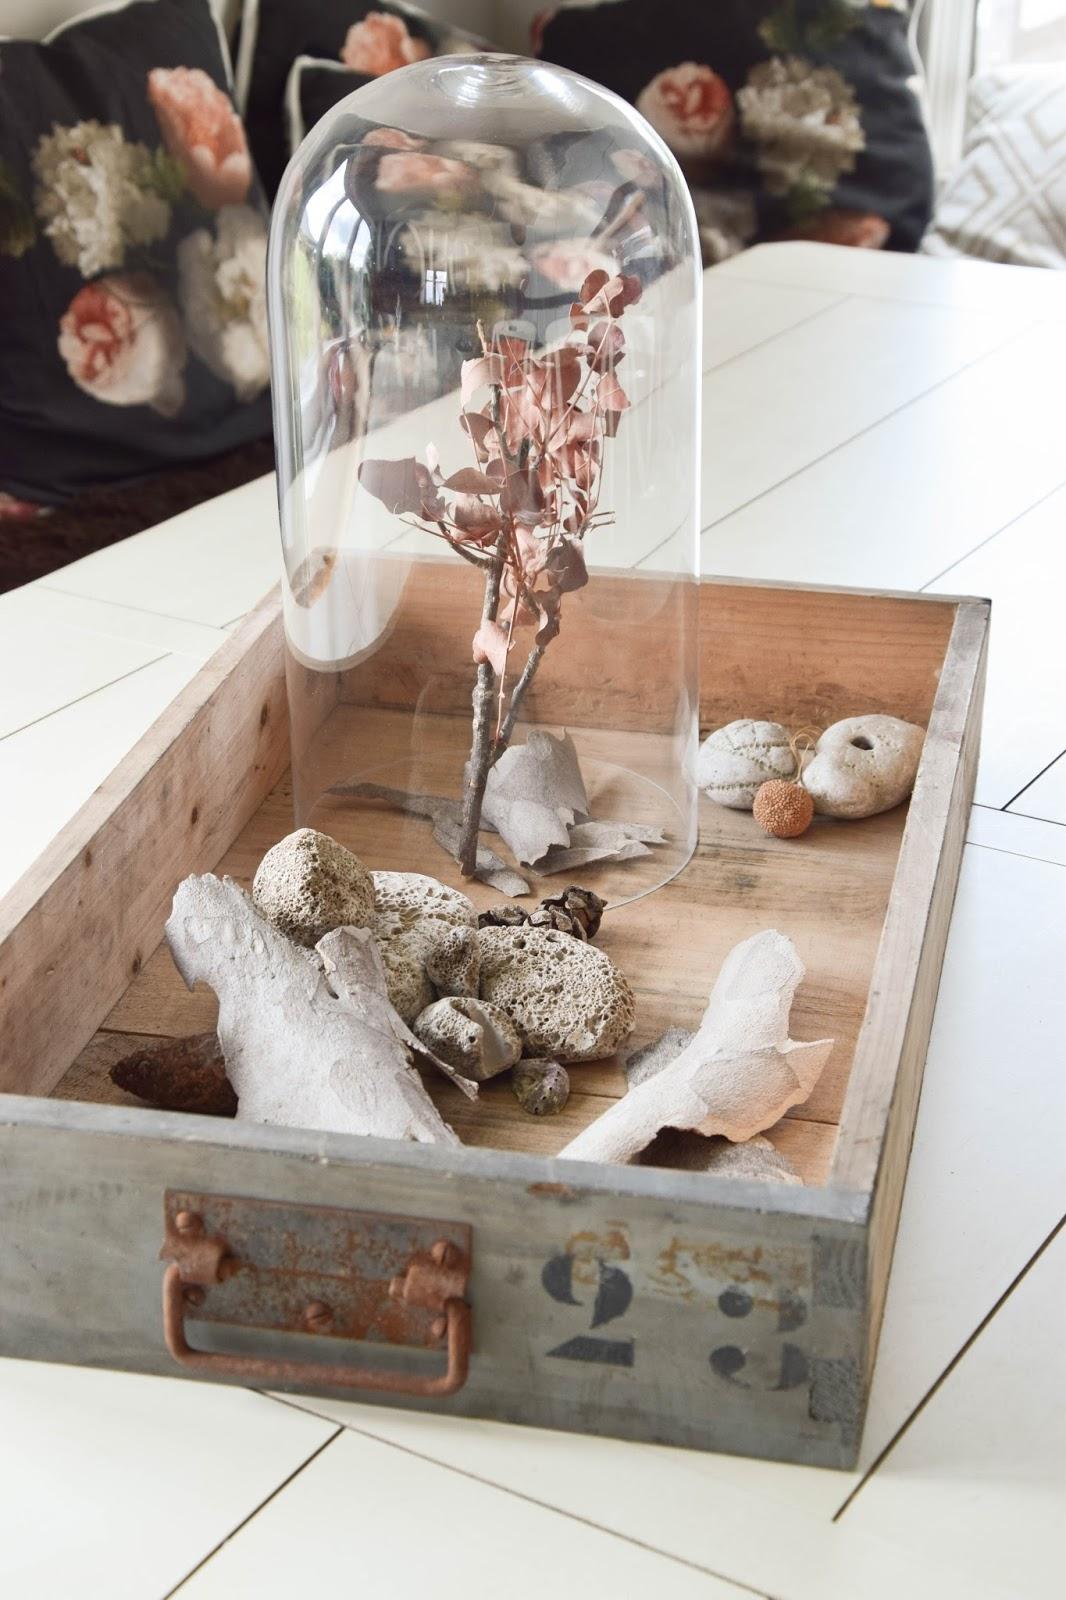 Dekoidee mit Fundstücken aus dem Urlaub: Muscheln, Steine, Sand, Äste und mehr. Deko, Dekoration, Urlaubserinnerungen